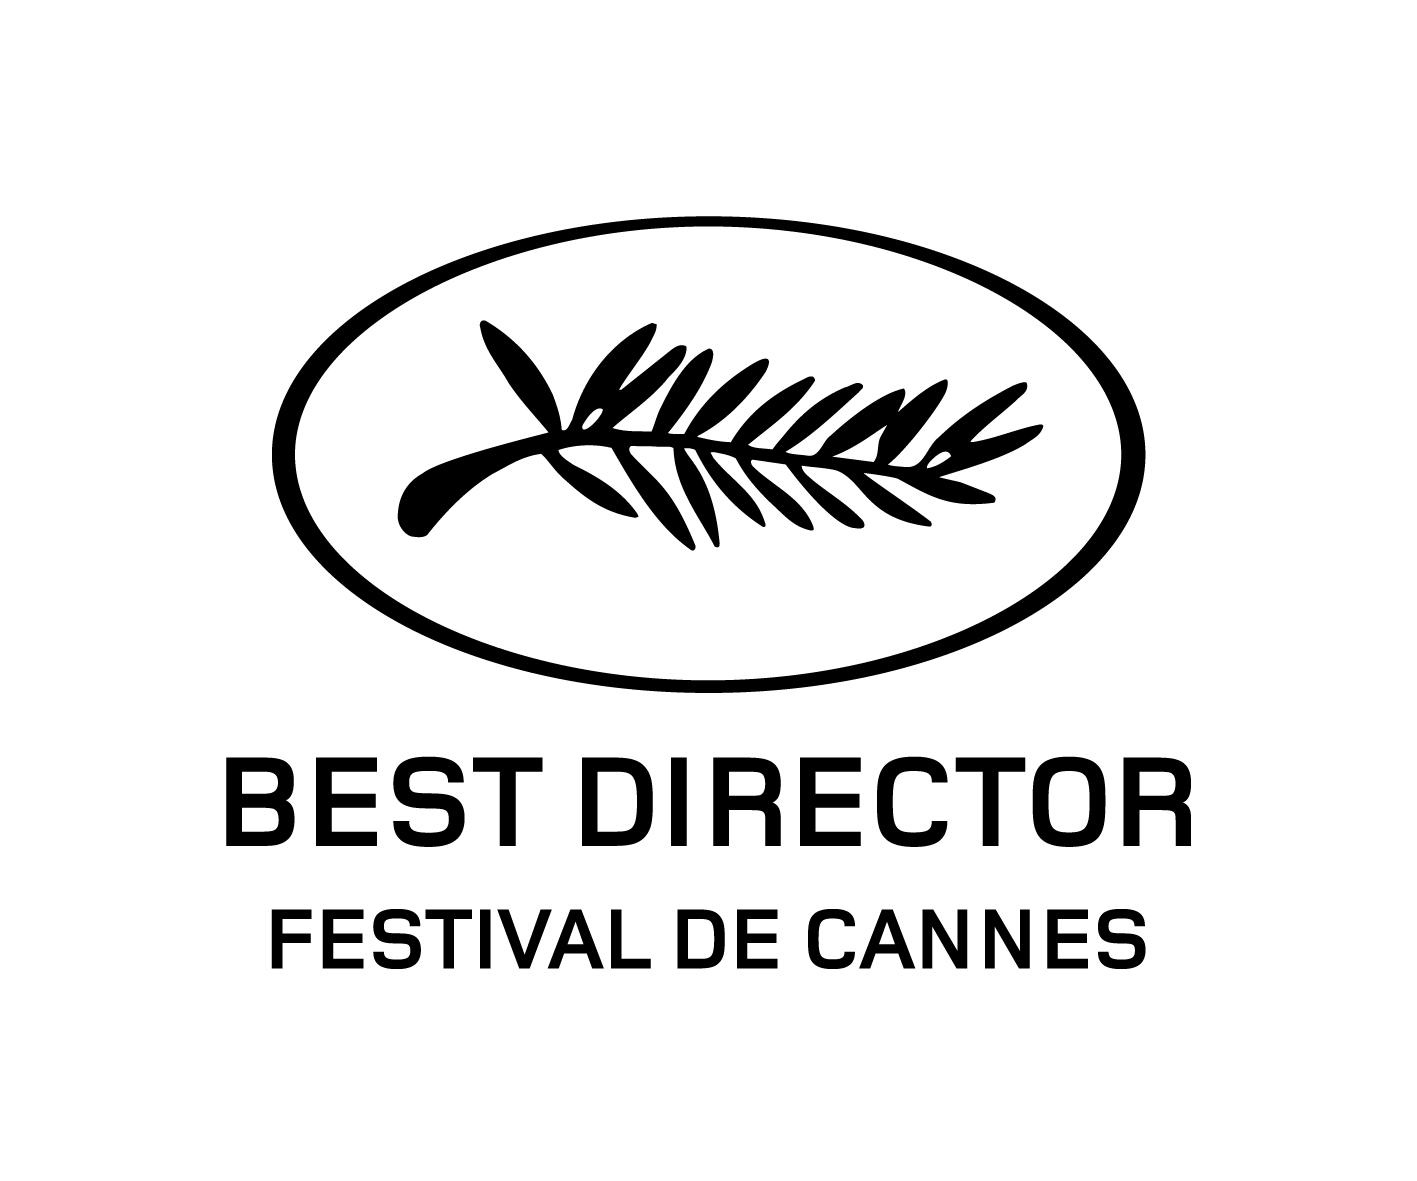 CannesBestDirector.jpg